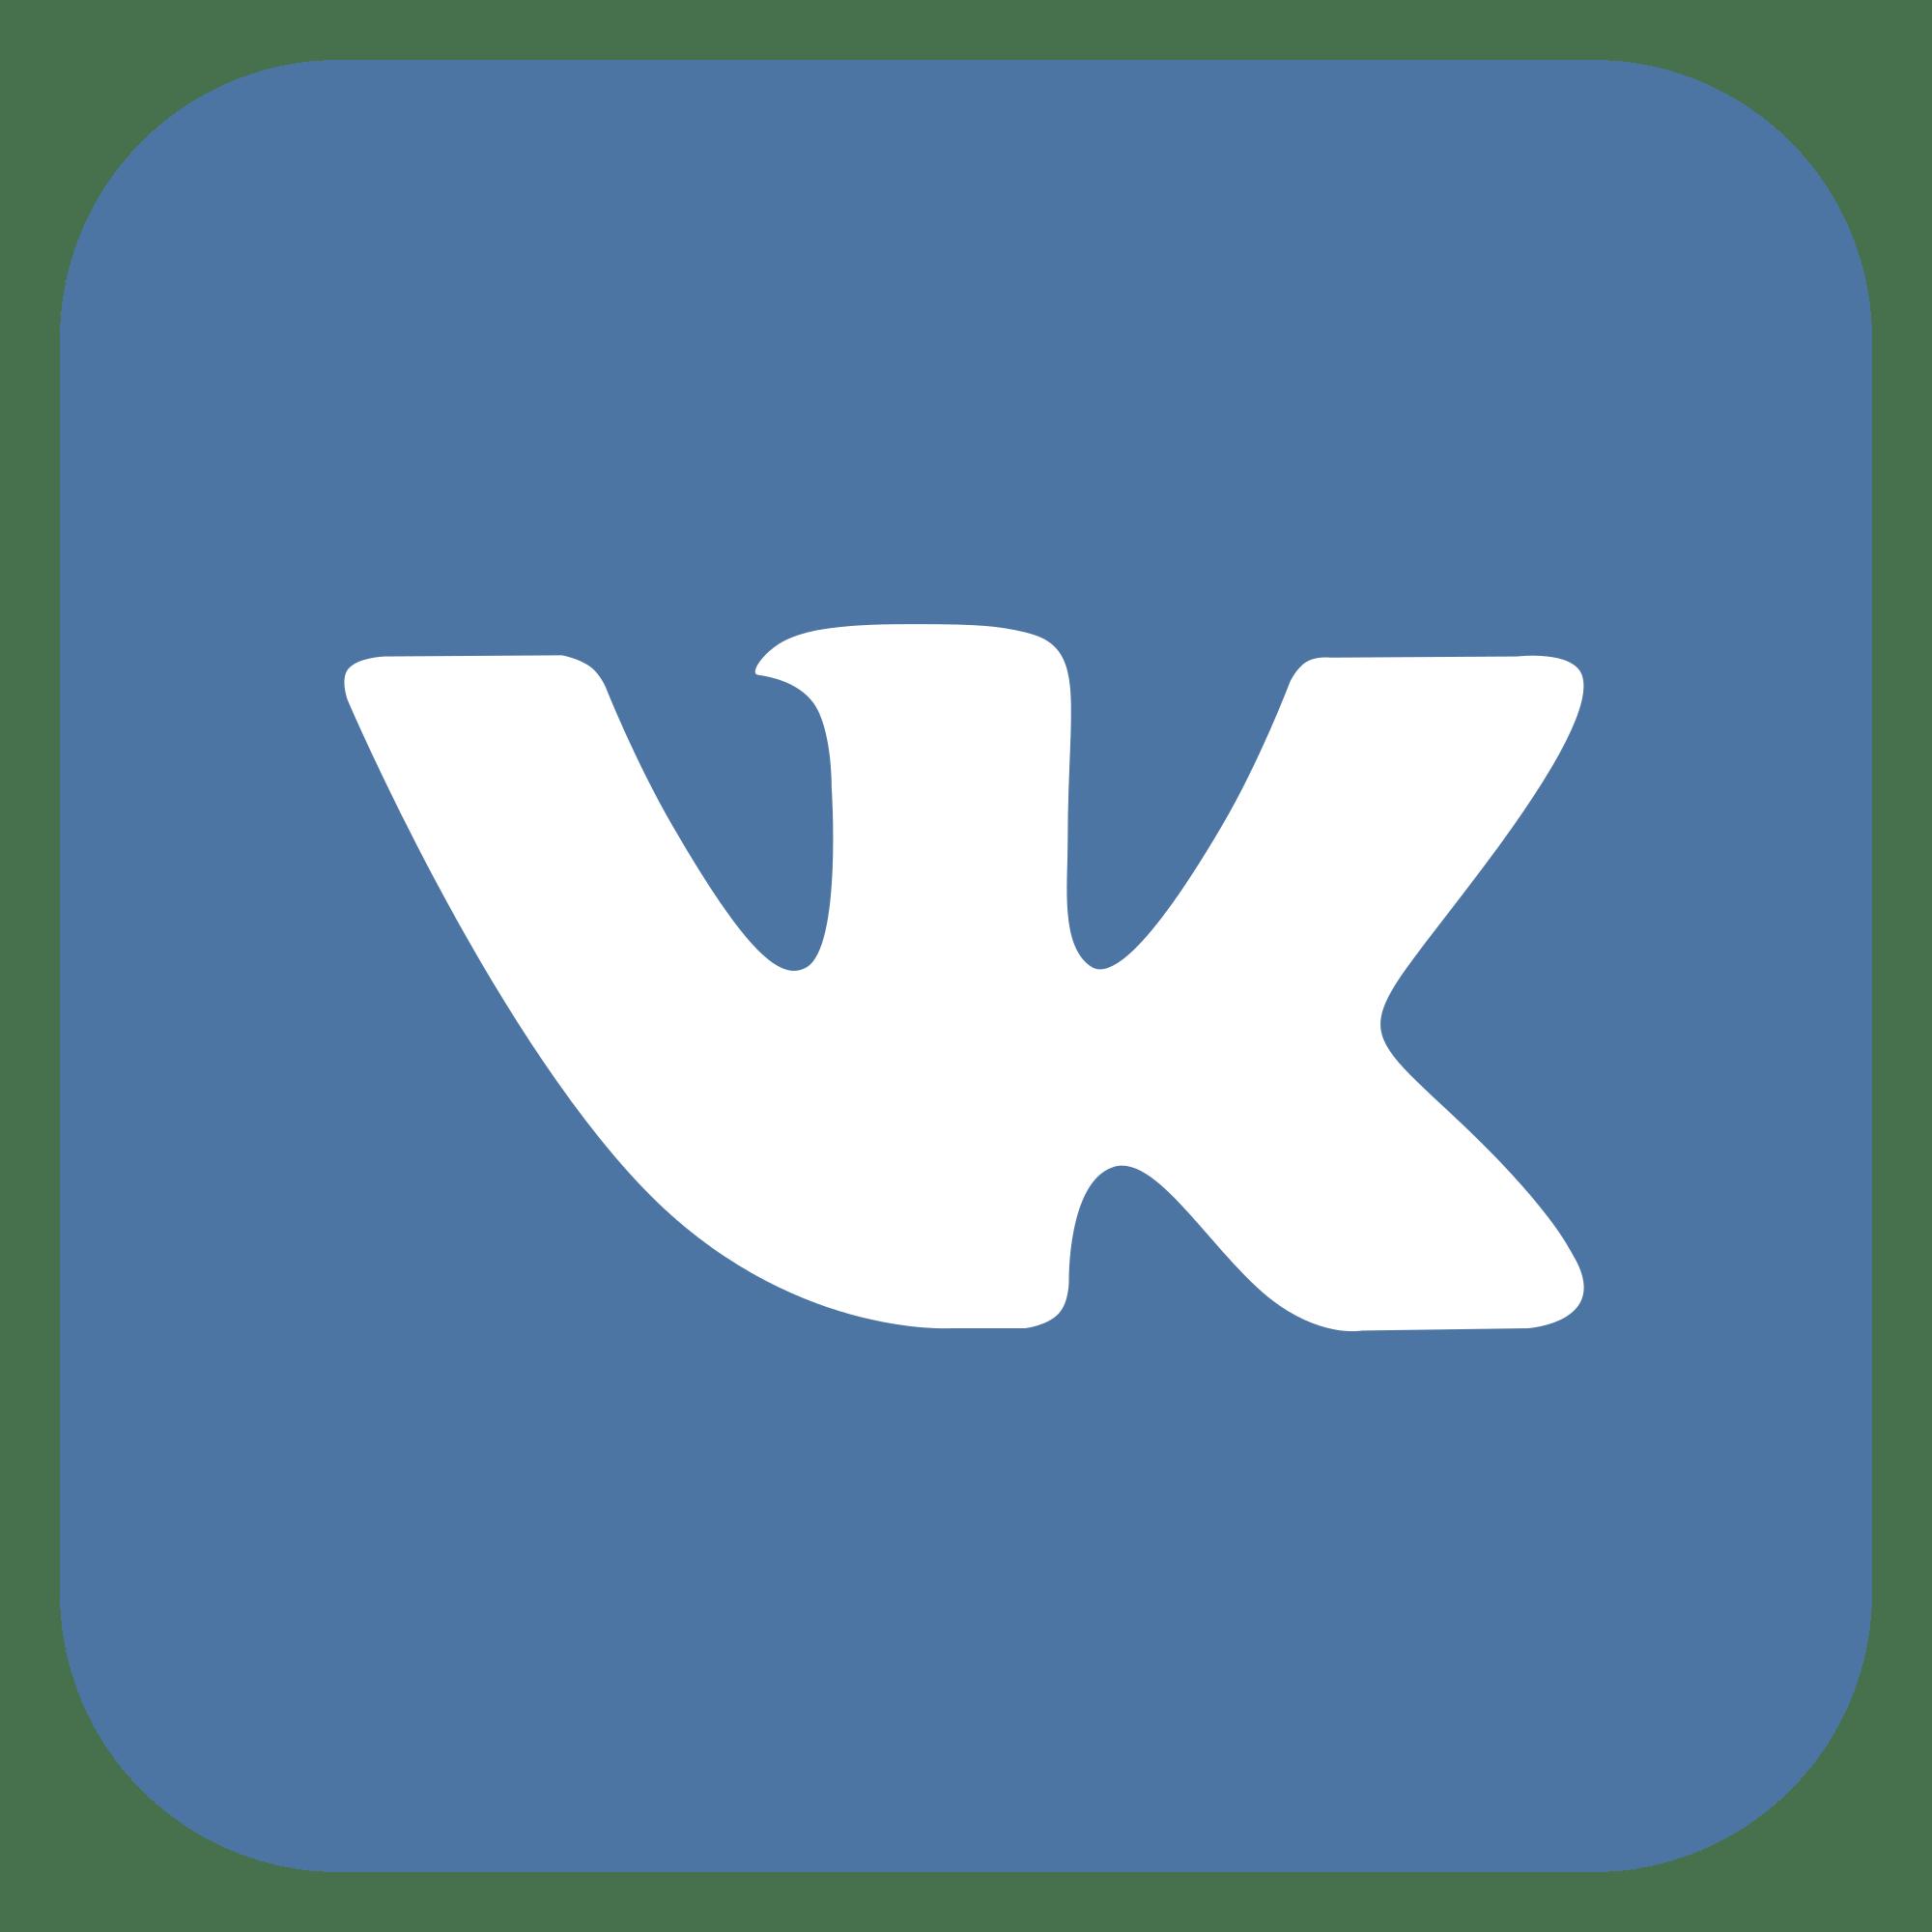 Logo Icona VK VKontakte PNG transparente - StickPNG